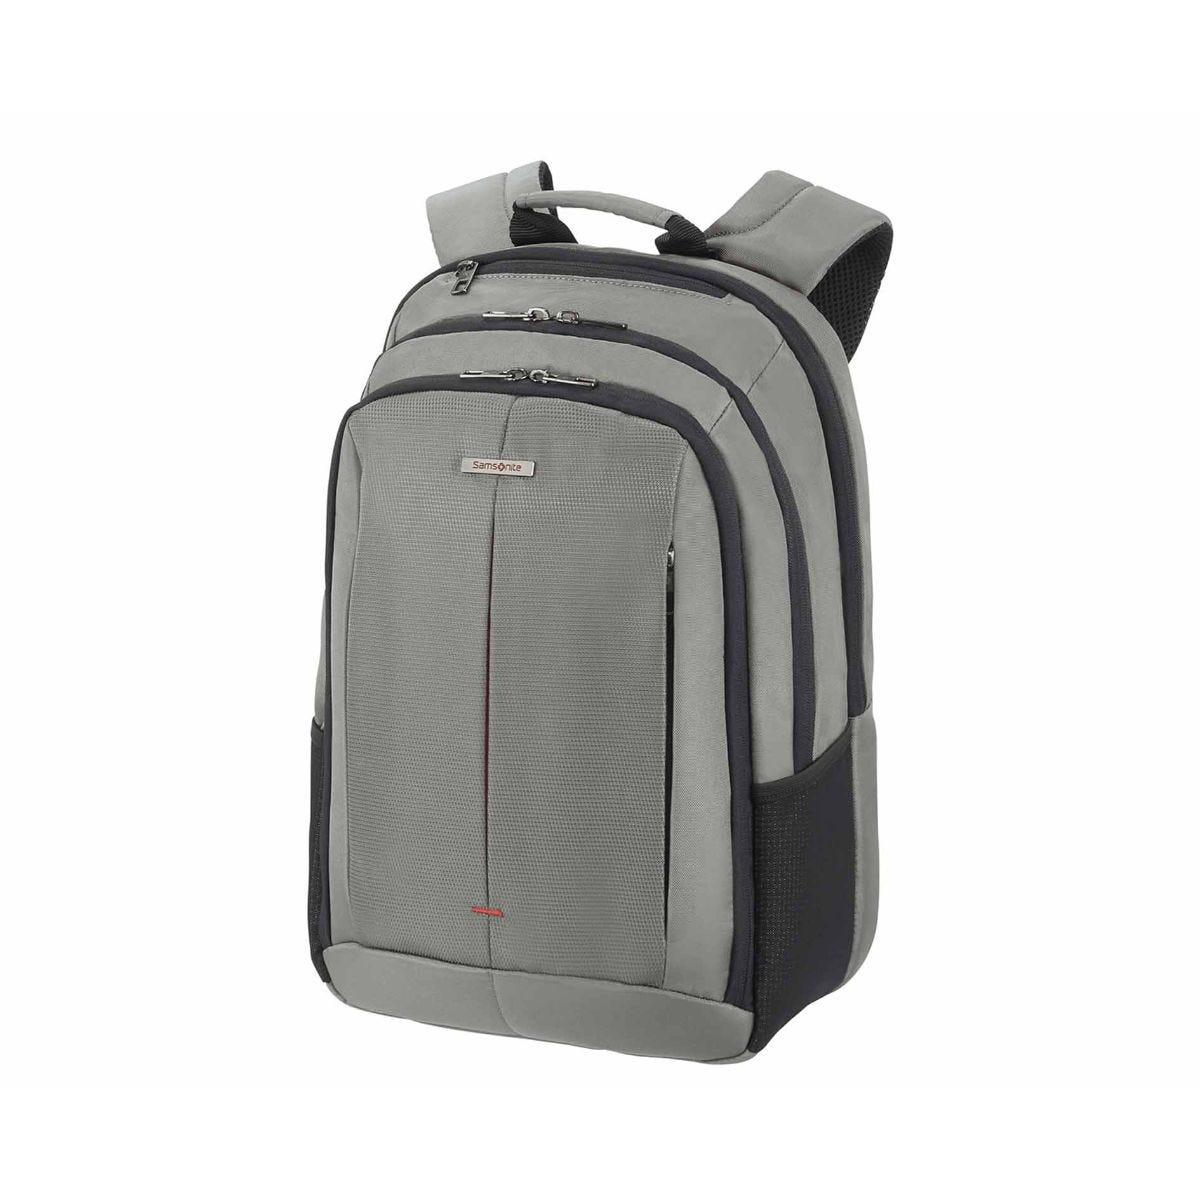 samsonite guard it 2 laptop backpack 15.6 inch, grey